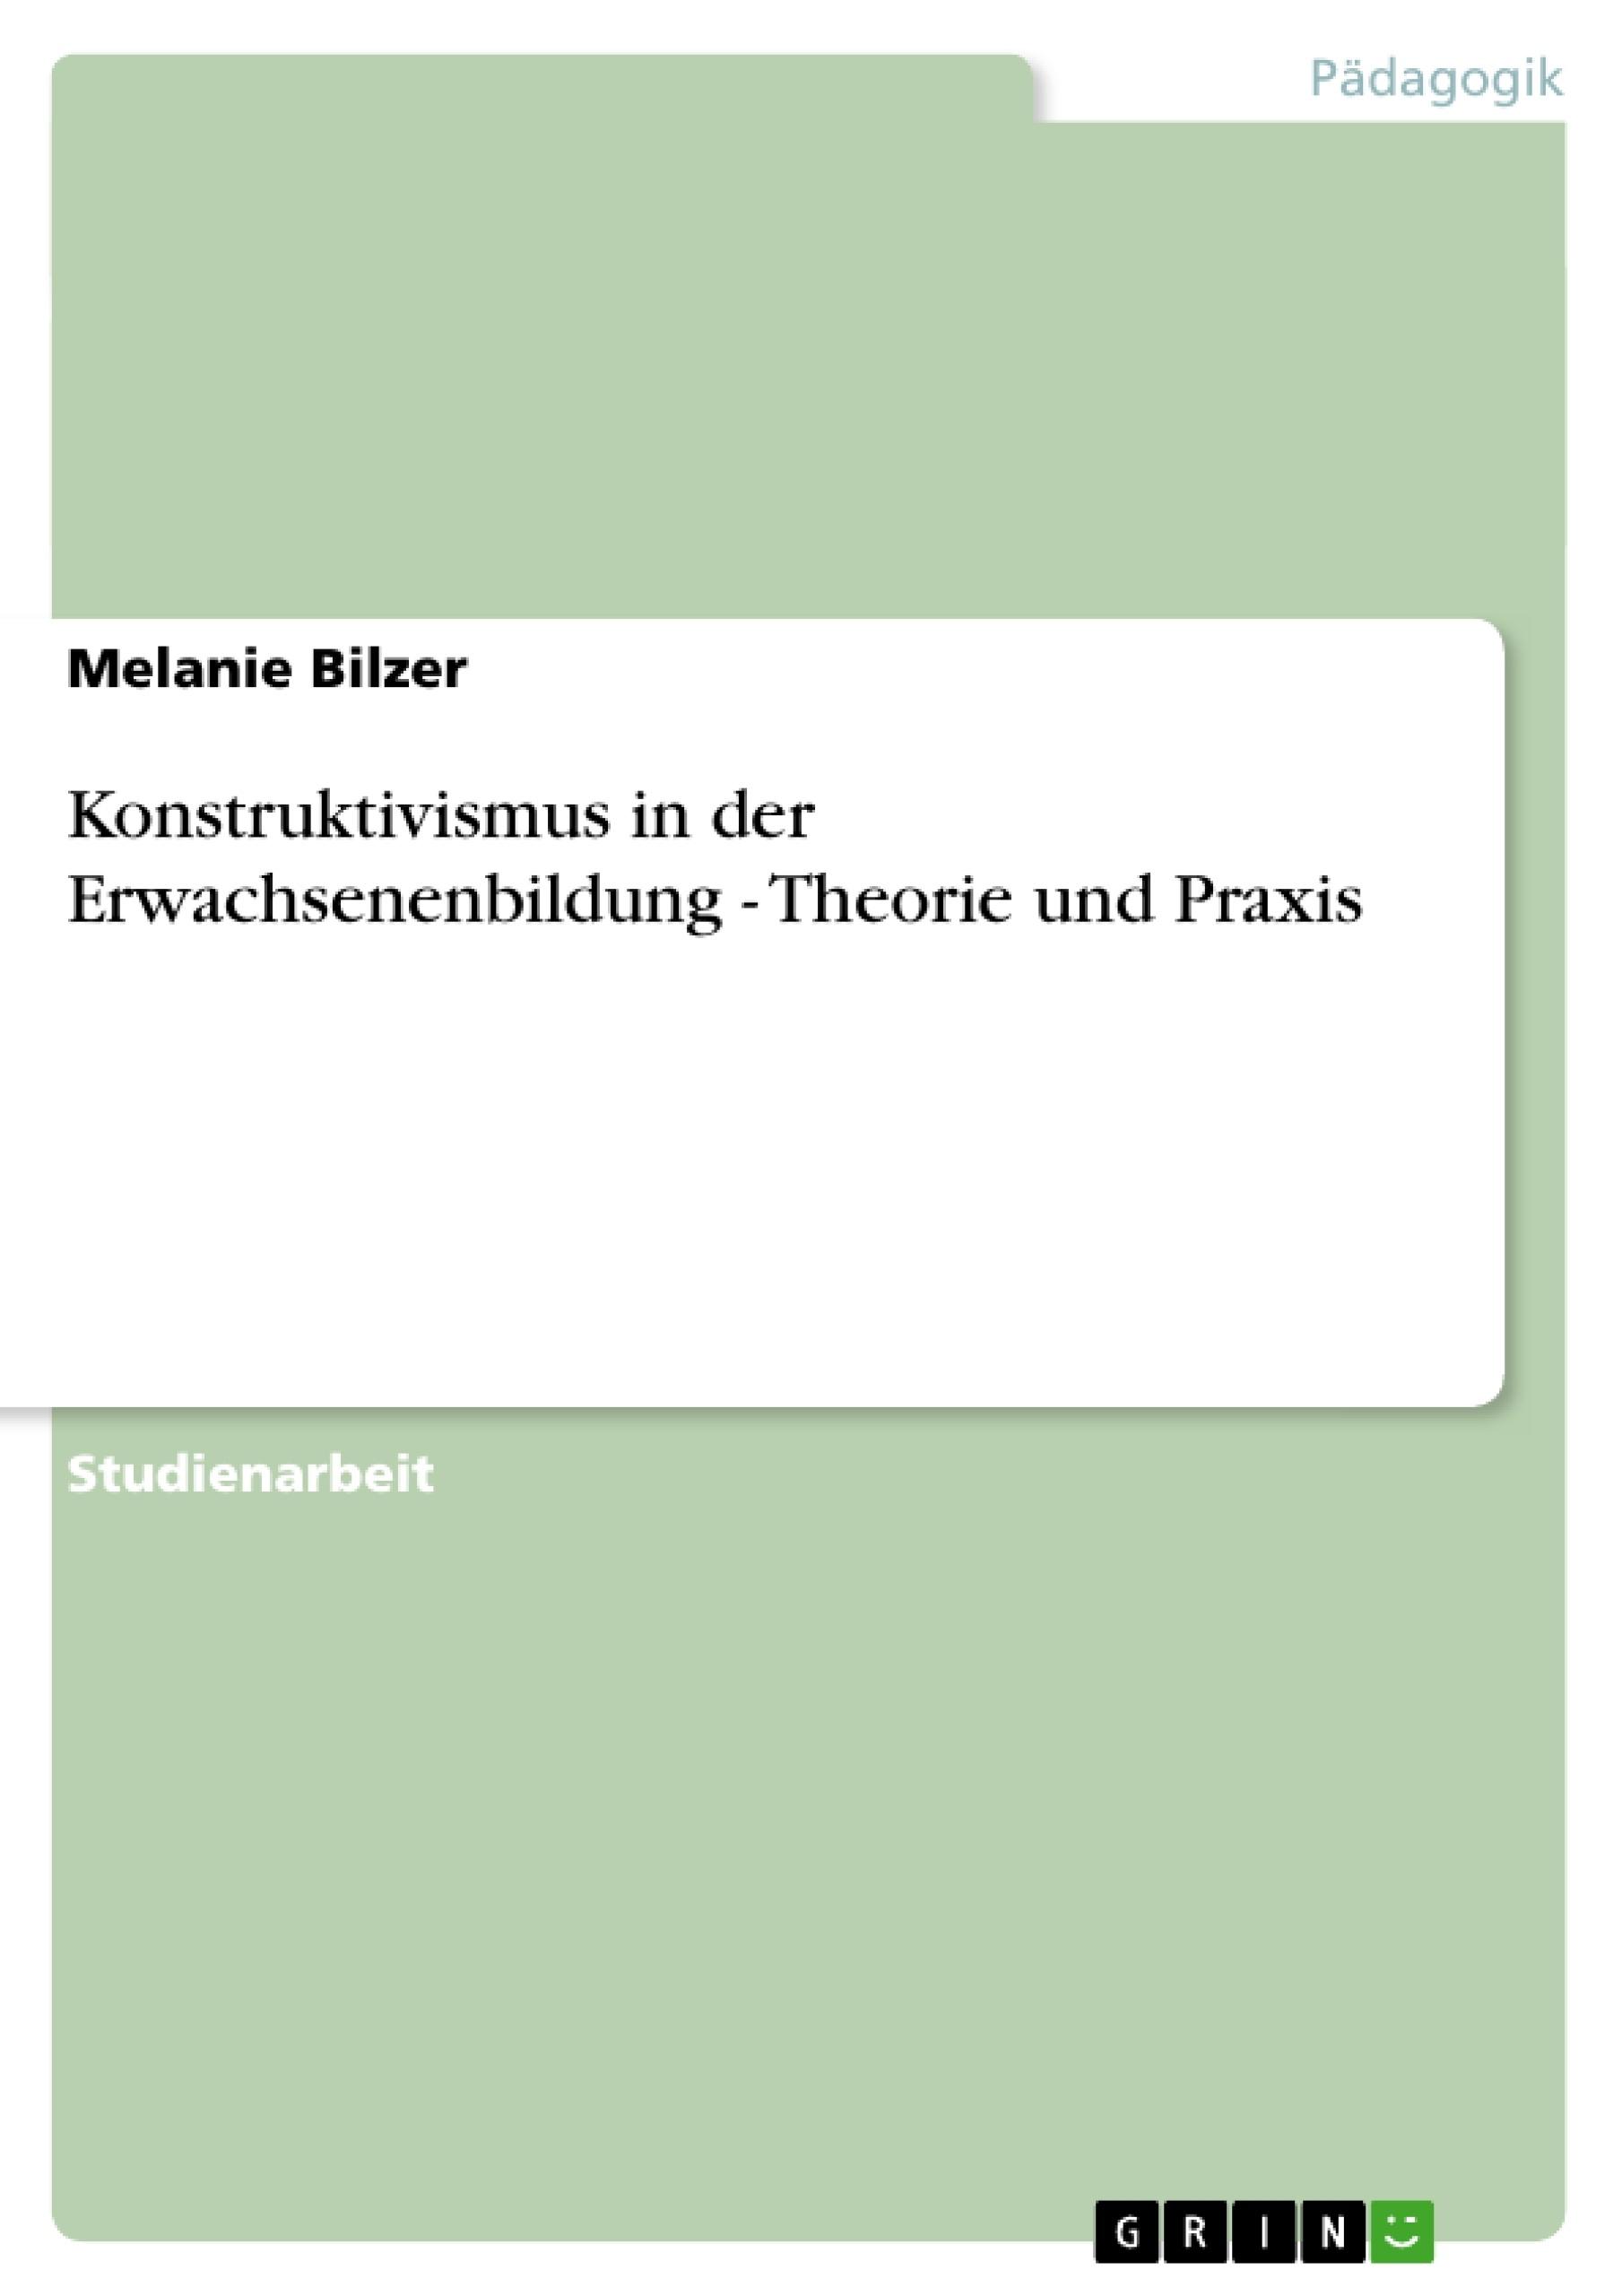 Titel: Konstruktivismus in der Erwachsenenbildung - Theorie und Praxis